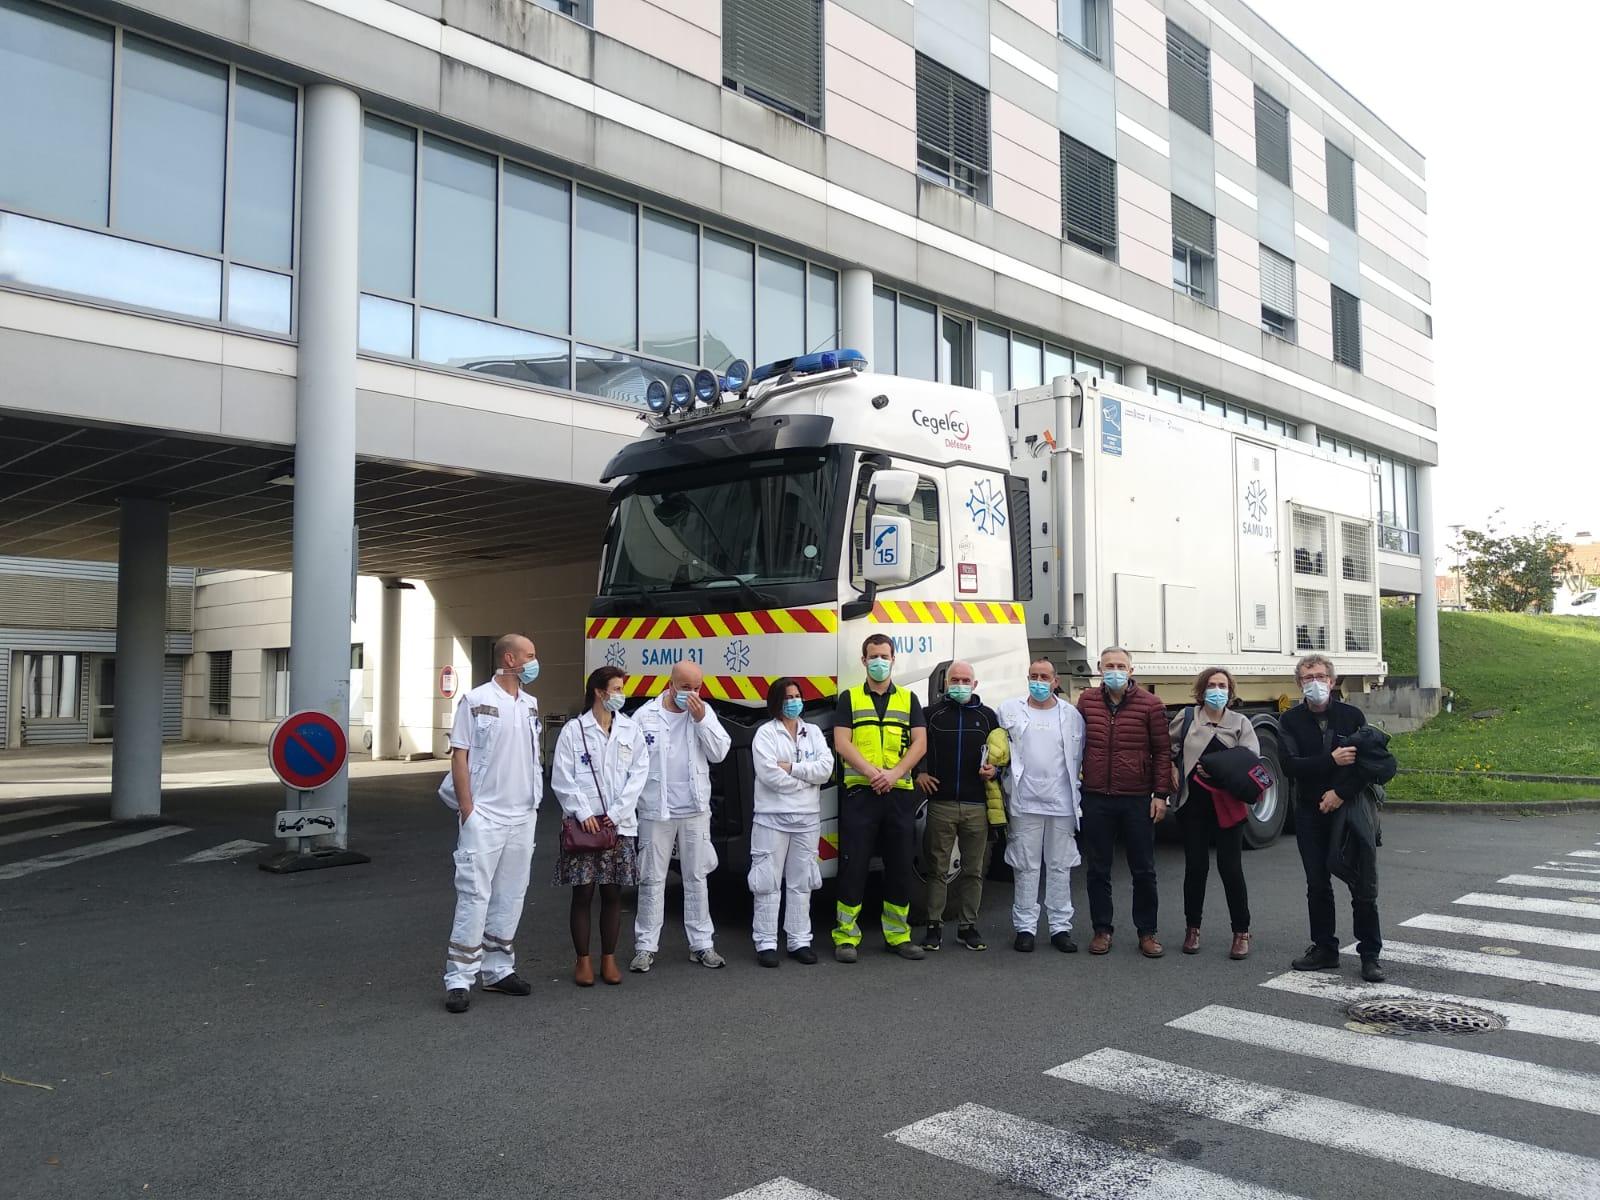 La unidad móvil de emergencias regresa a Toulouse después de su estancia en Navarra tras reforzar la campaña de vacunación contra la COVID-19